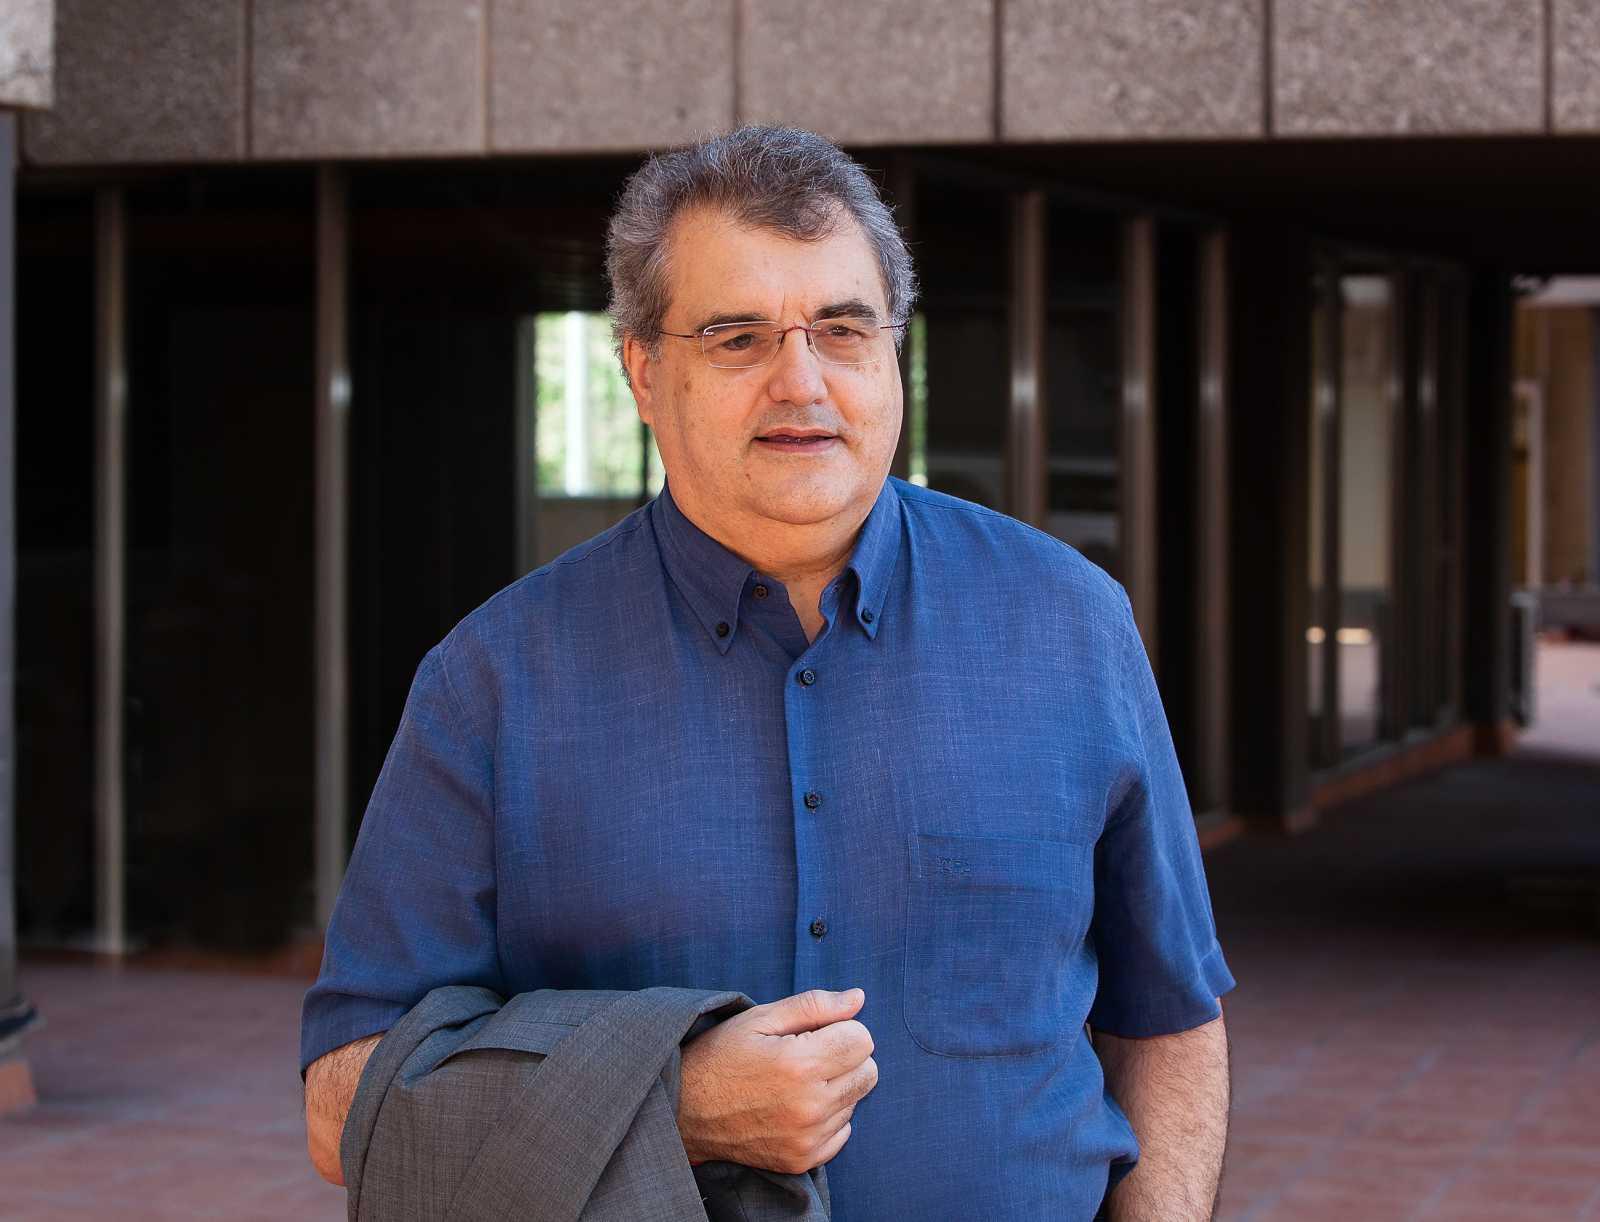 """Econòmix - Antoni Torres (FEFAC) """"El cribratge o test ràpid tindrà un cost molt assequible per pimes i autònoms; entre 4 i 10€"""""""